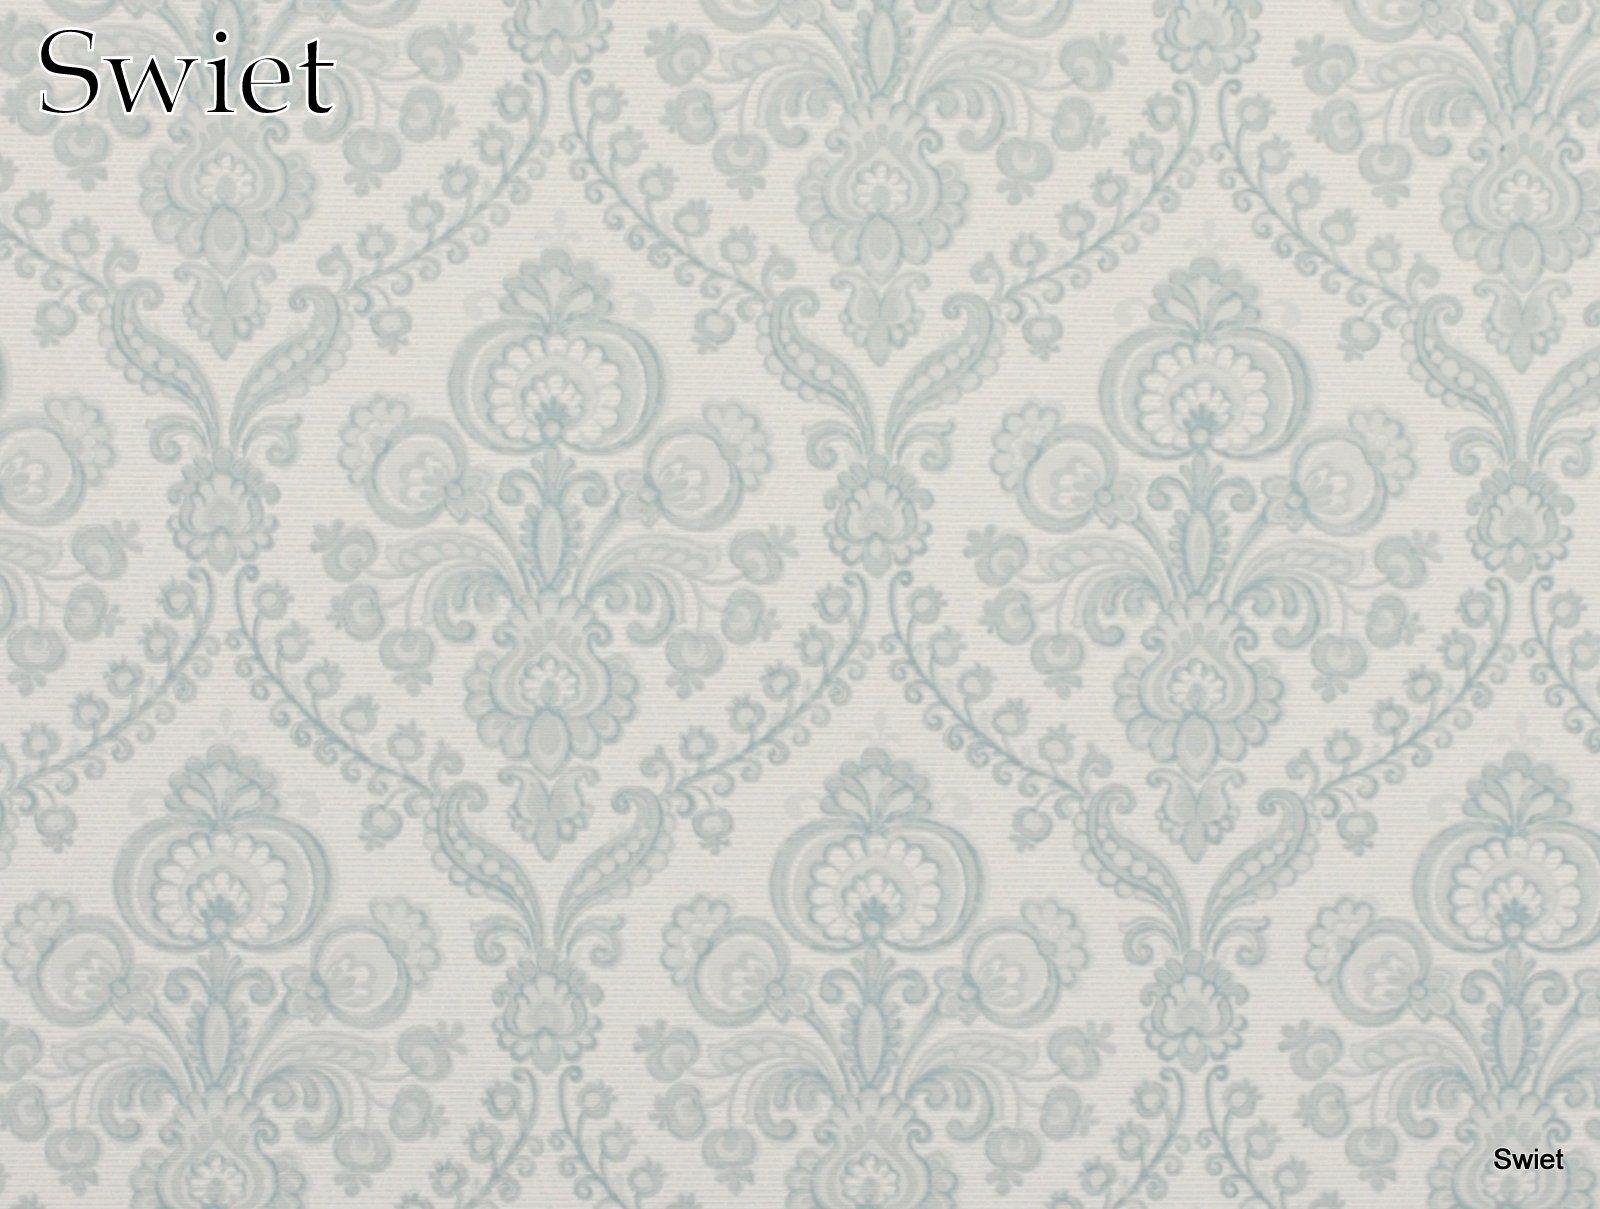 Barok romantisch behang  Swiet  Slaapkamer  Barok